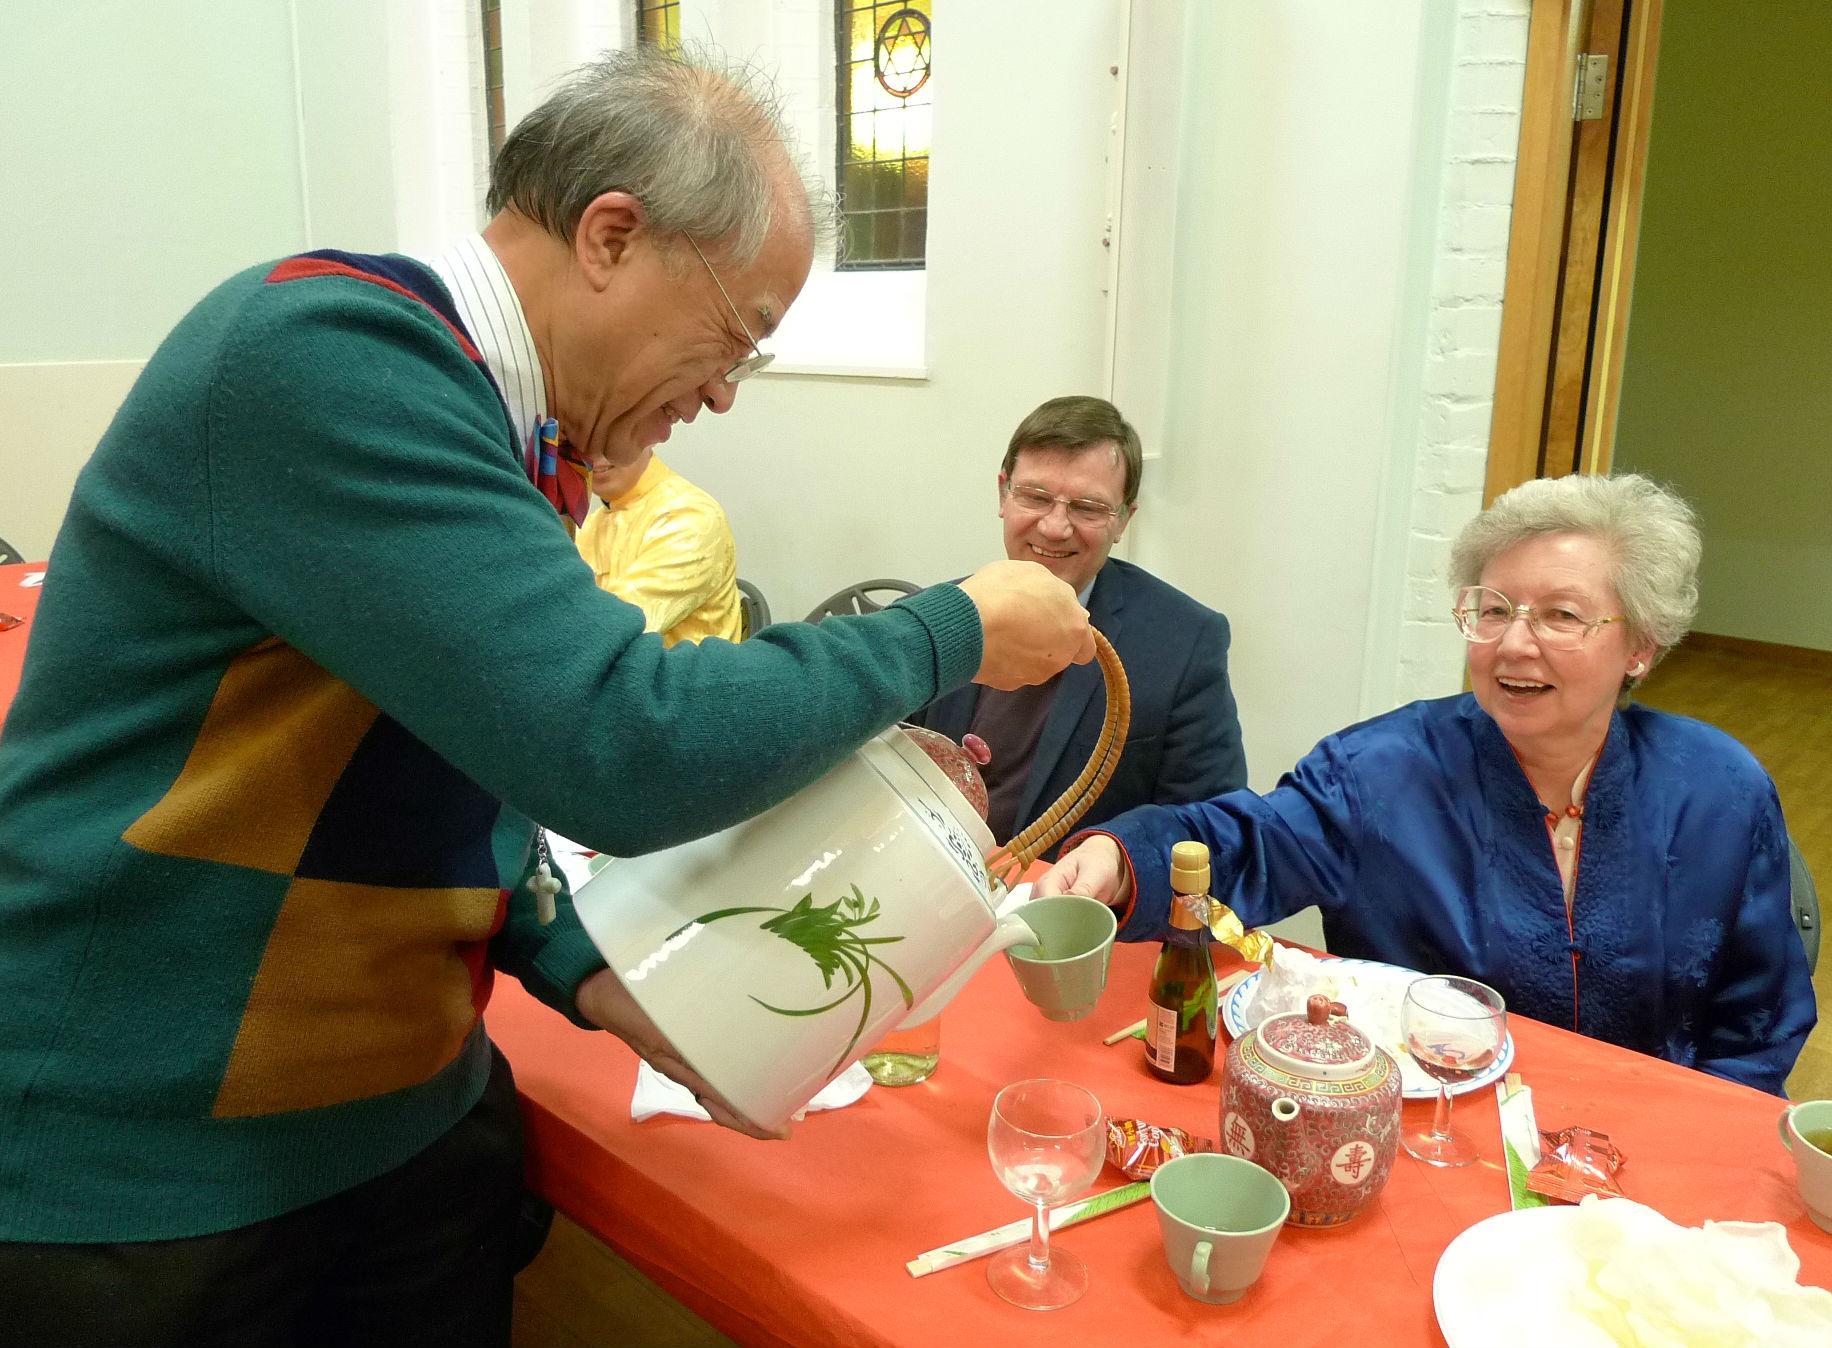 Ernest pouring tea